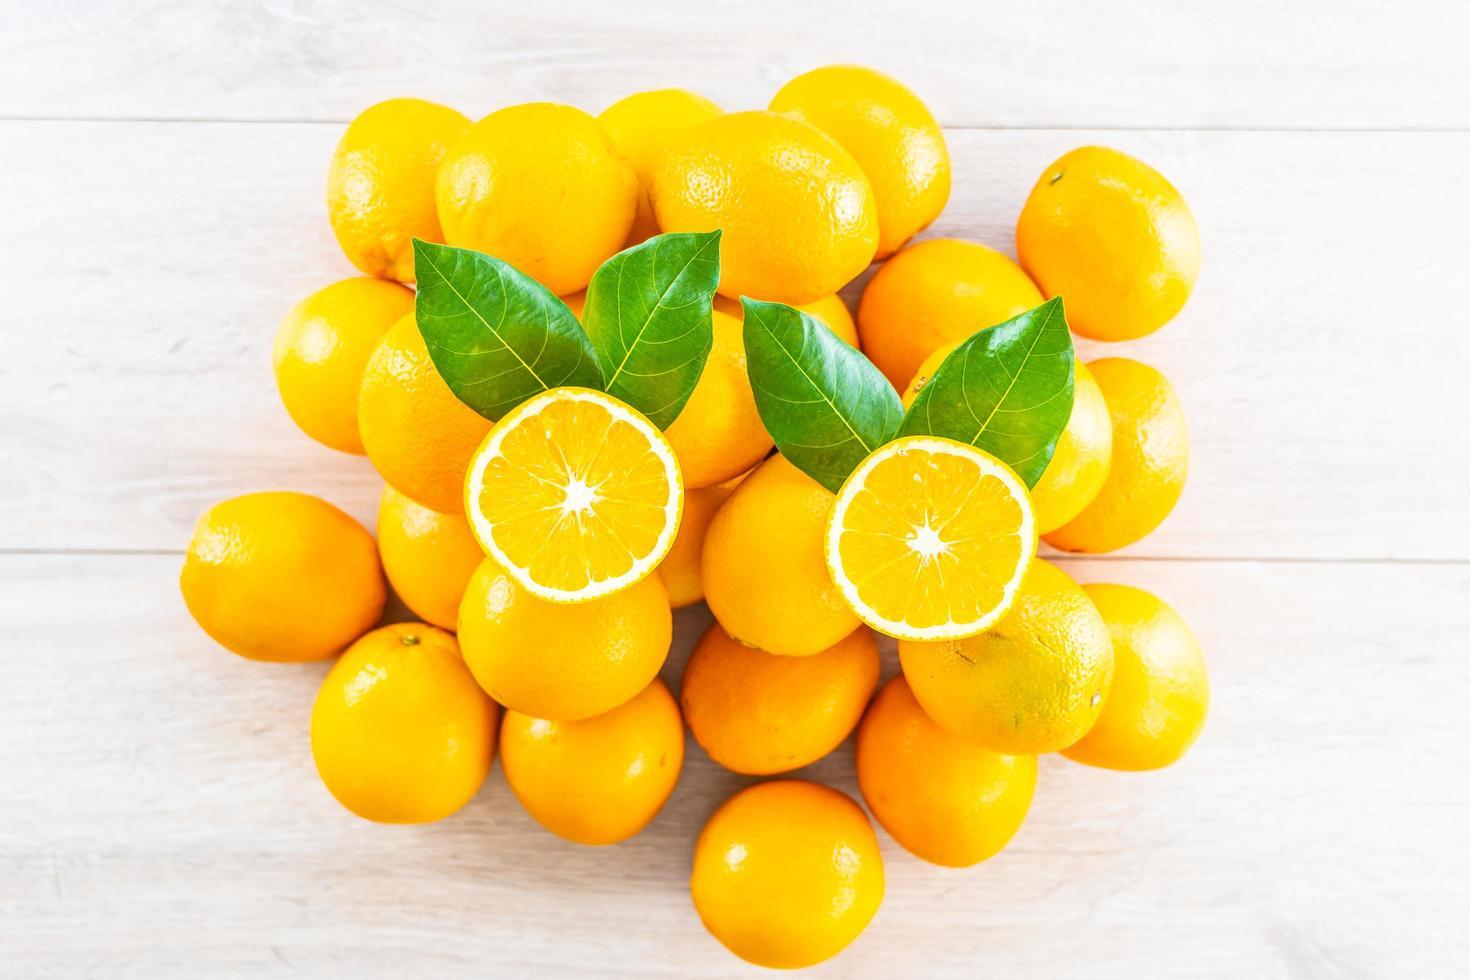 laranjas frescas na mesa foto